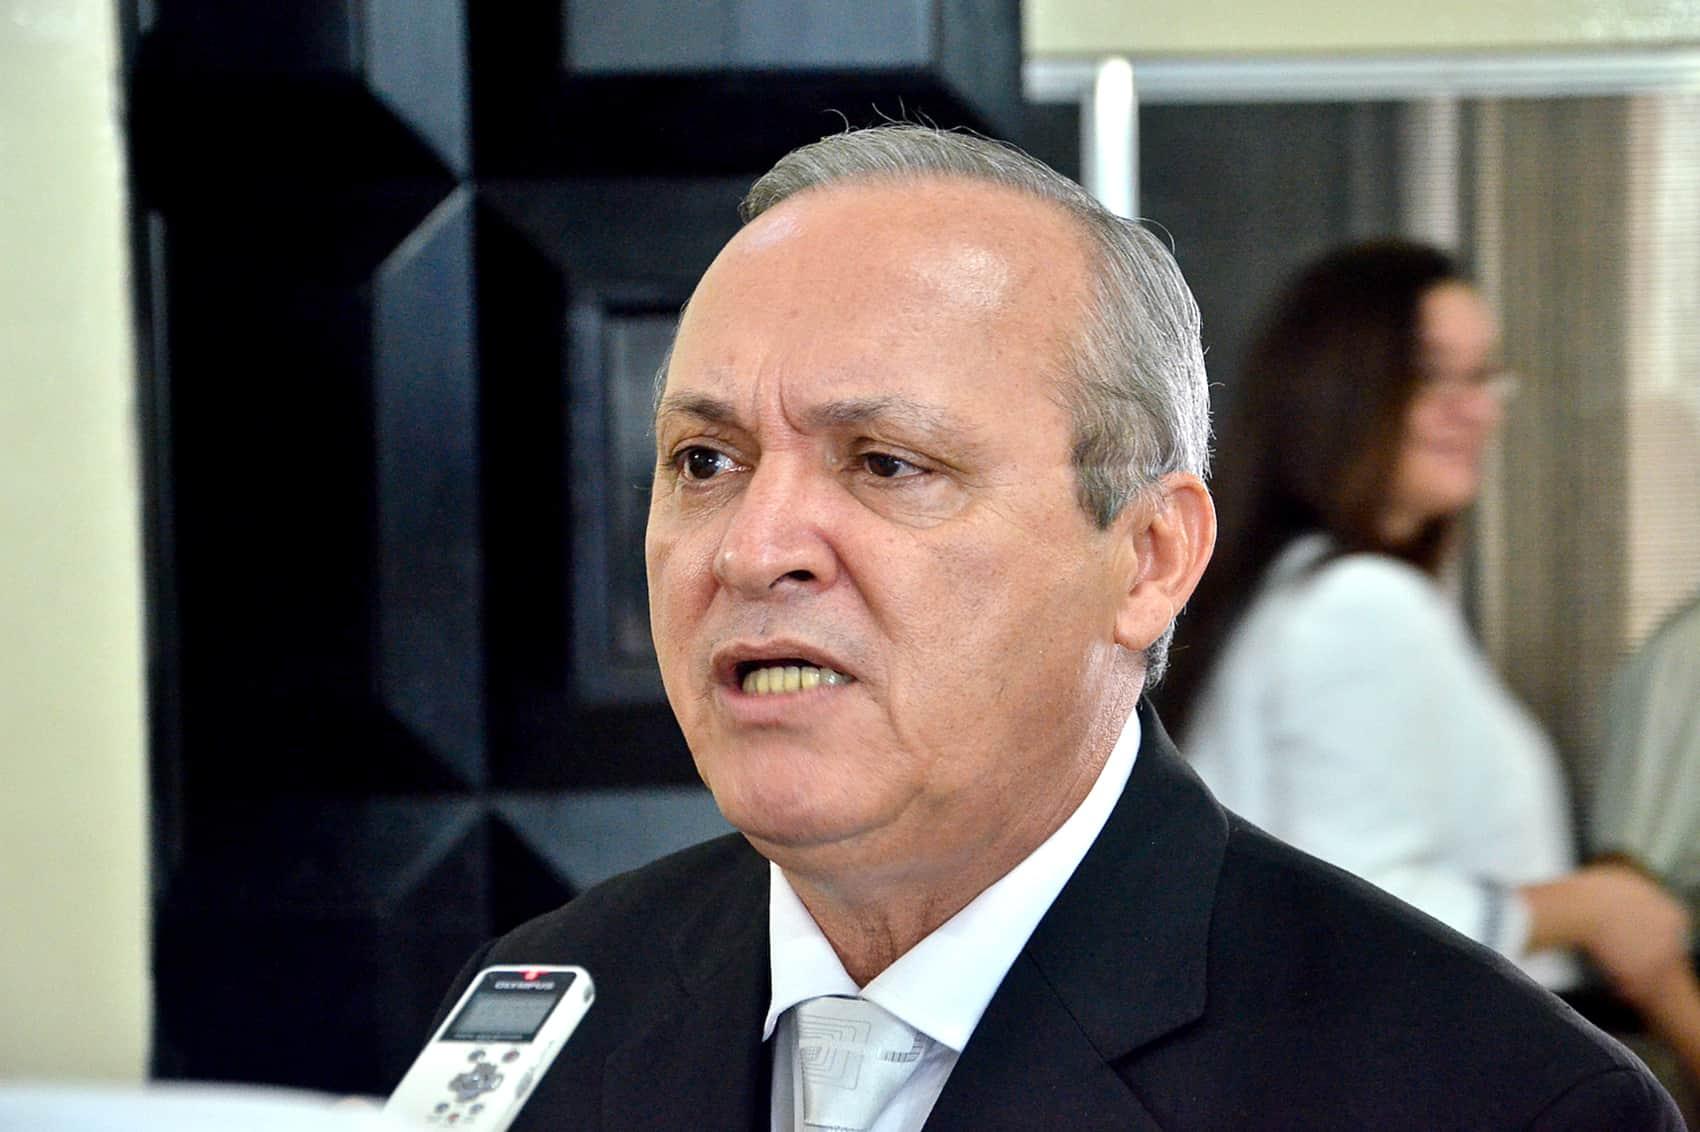 PUSC lawmaker Walter Céspedes